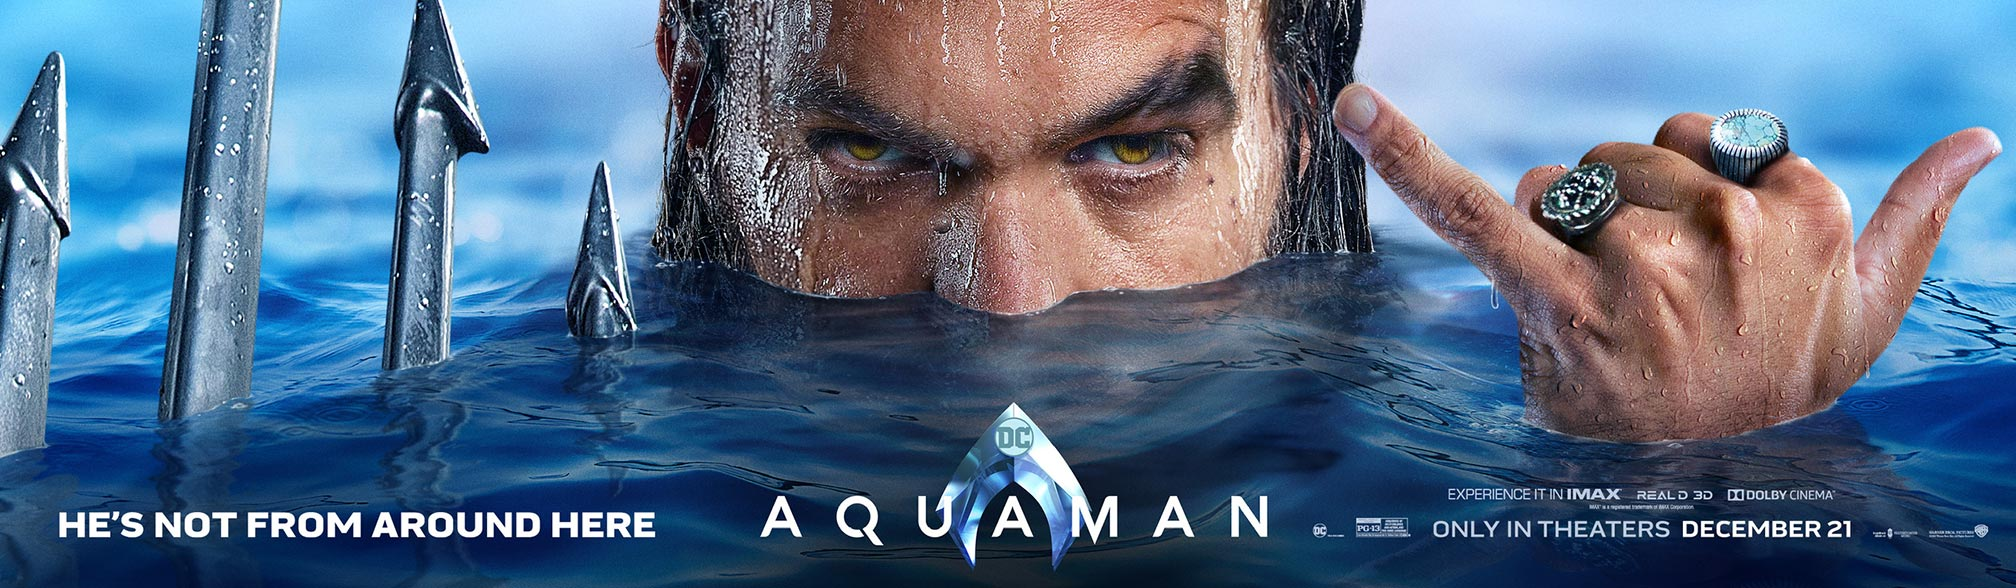 Aquaman Poster #7